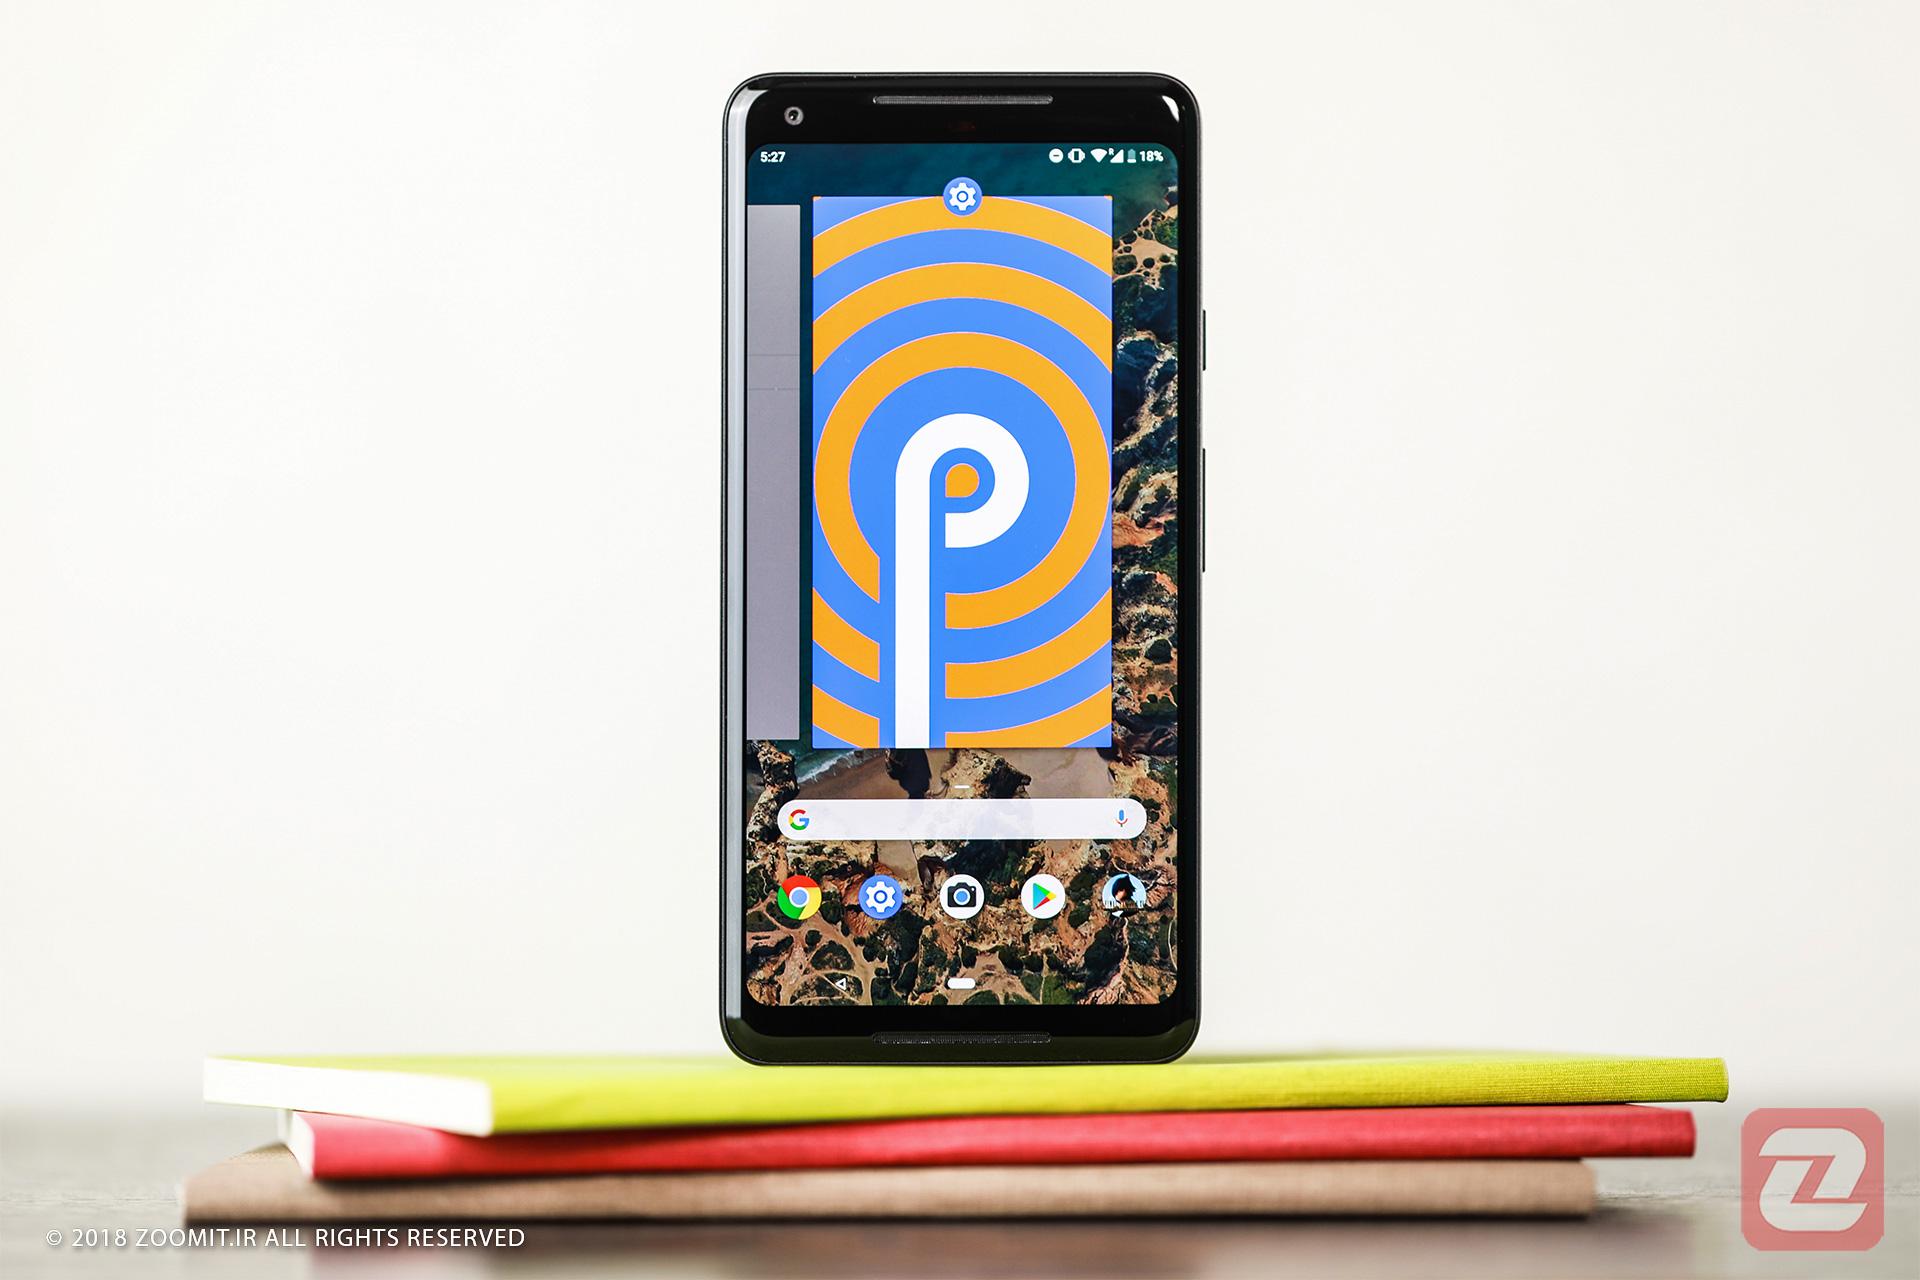 اندروید 9 پای برای کدام گوشی ها منتشر میشود